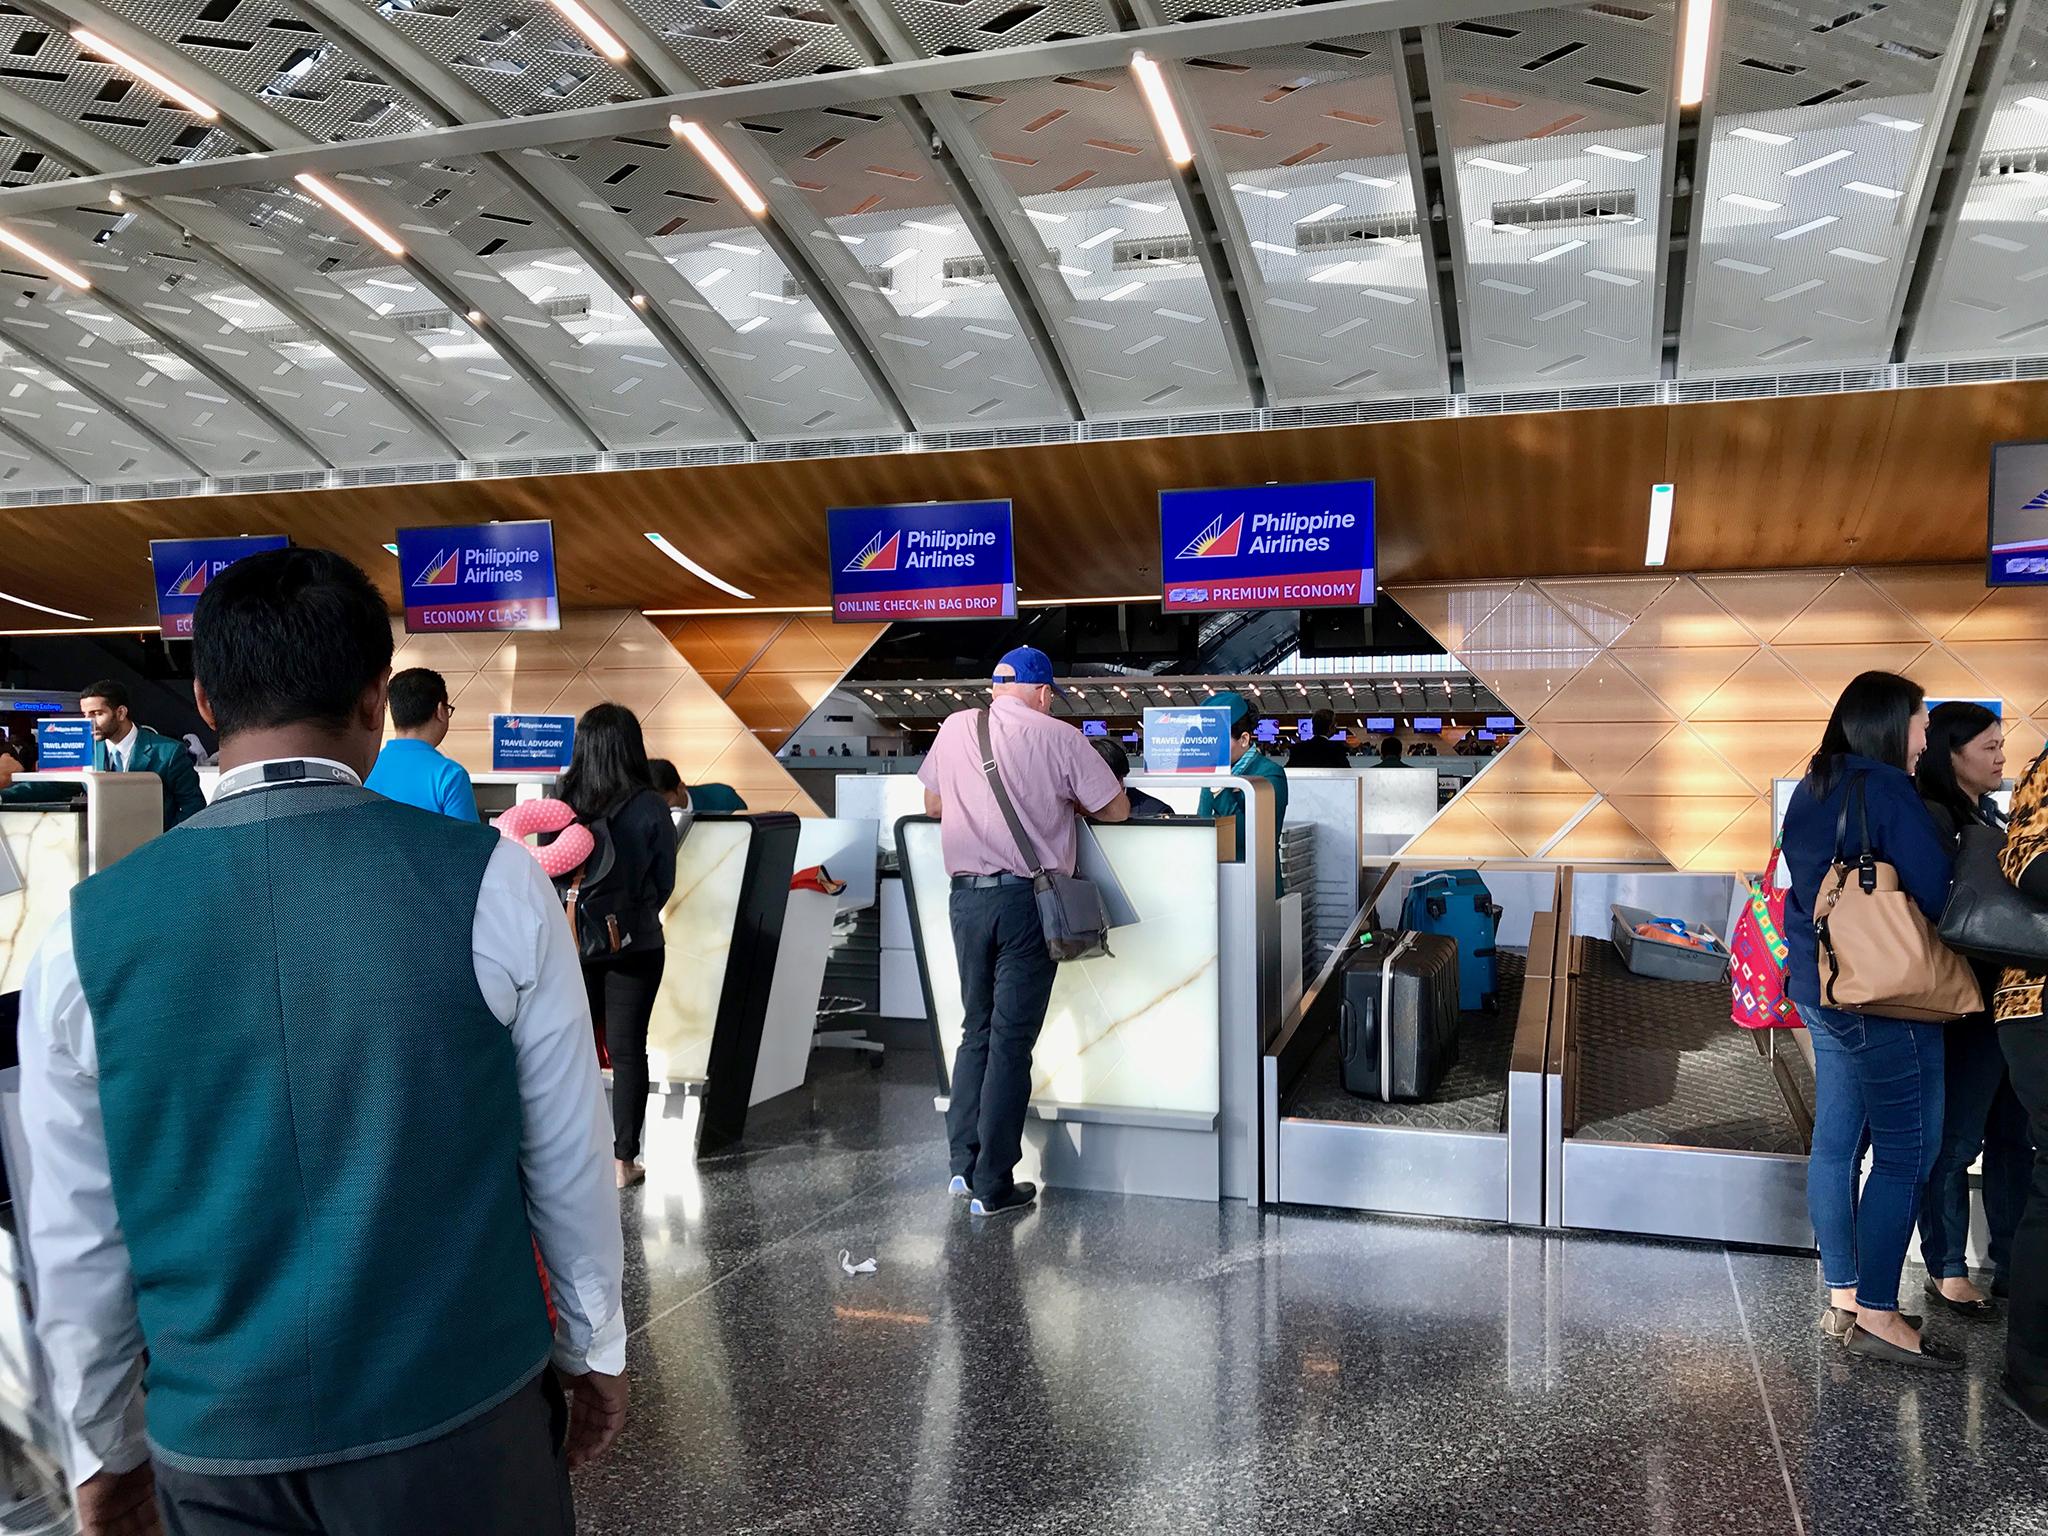 Emirados Árabes Unidos | Quase um milhar de filipinos repatriados